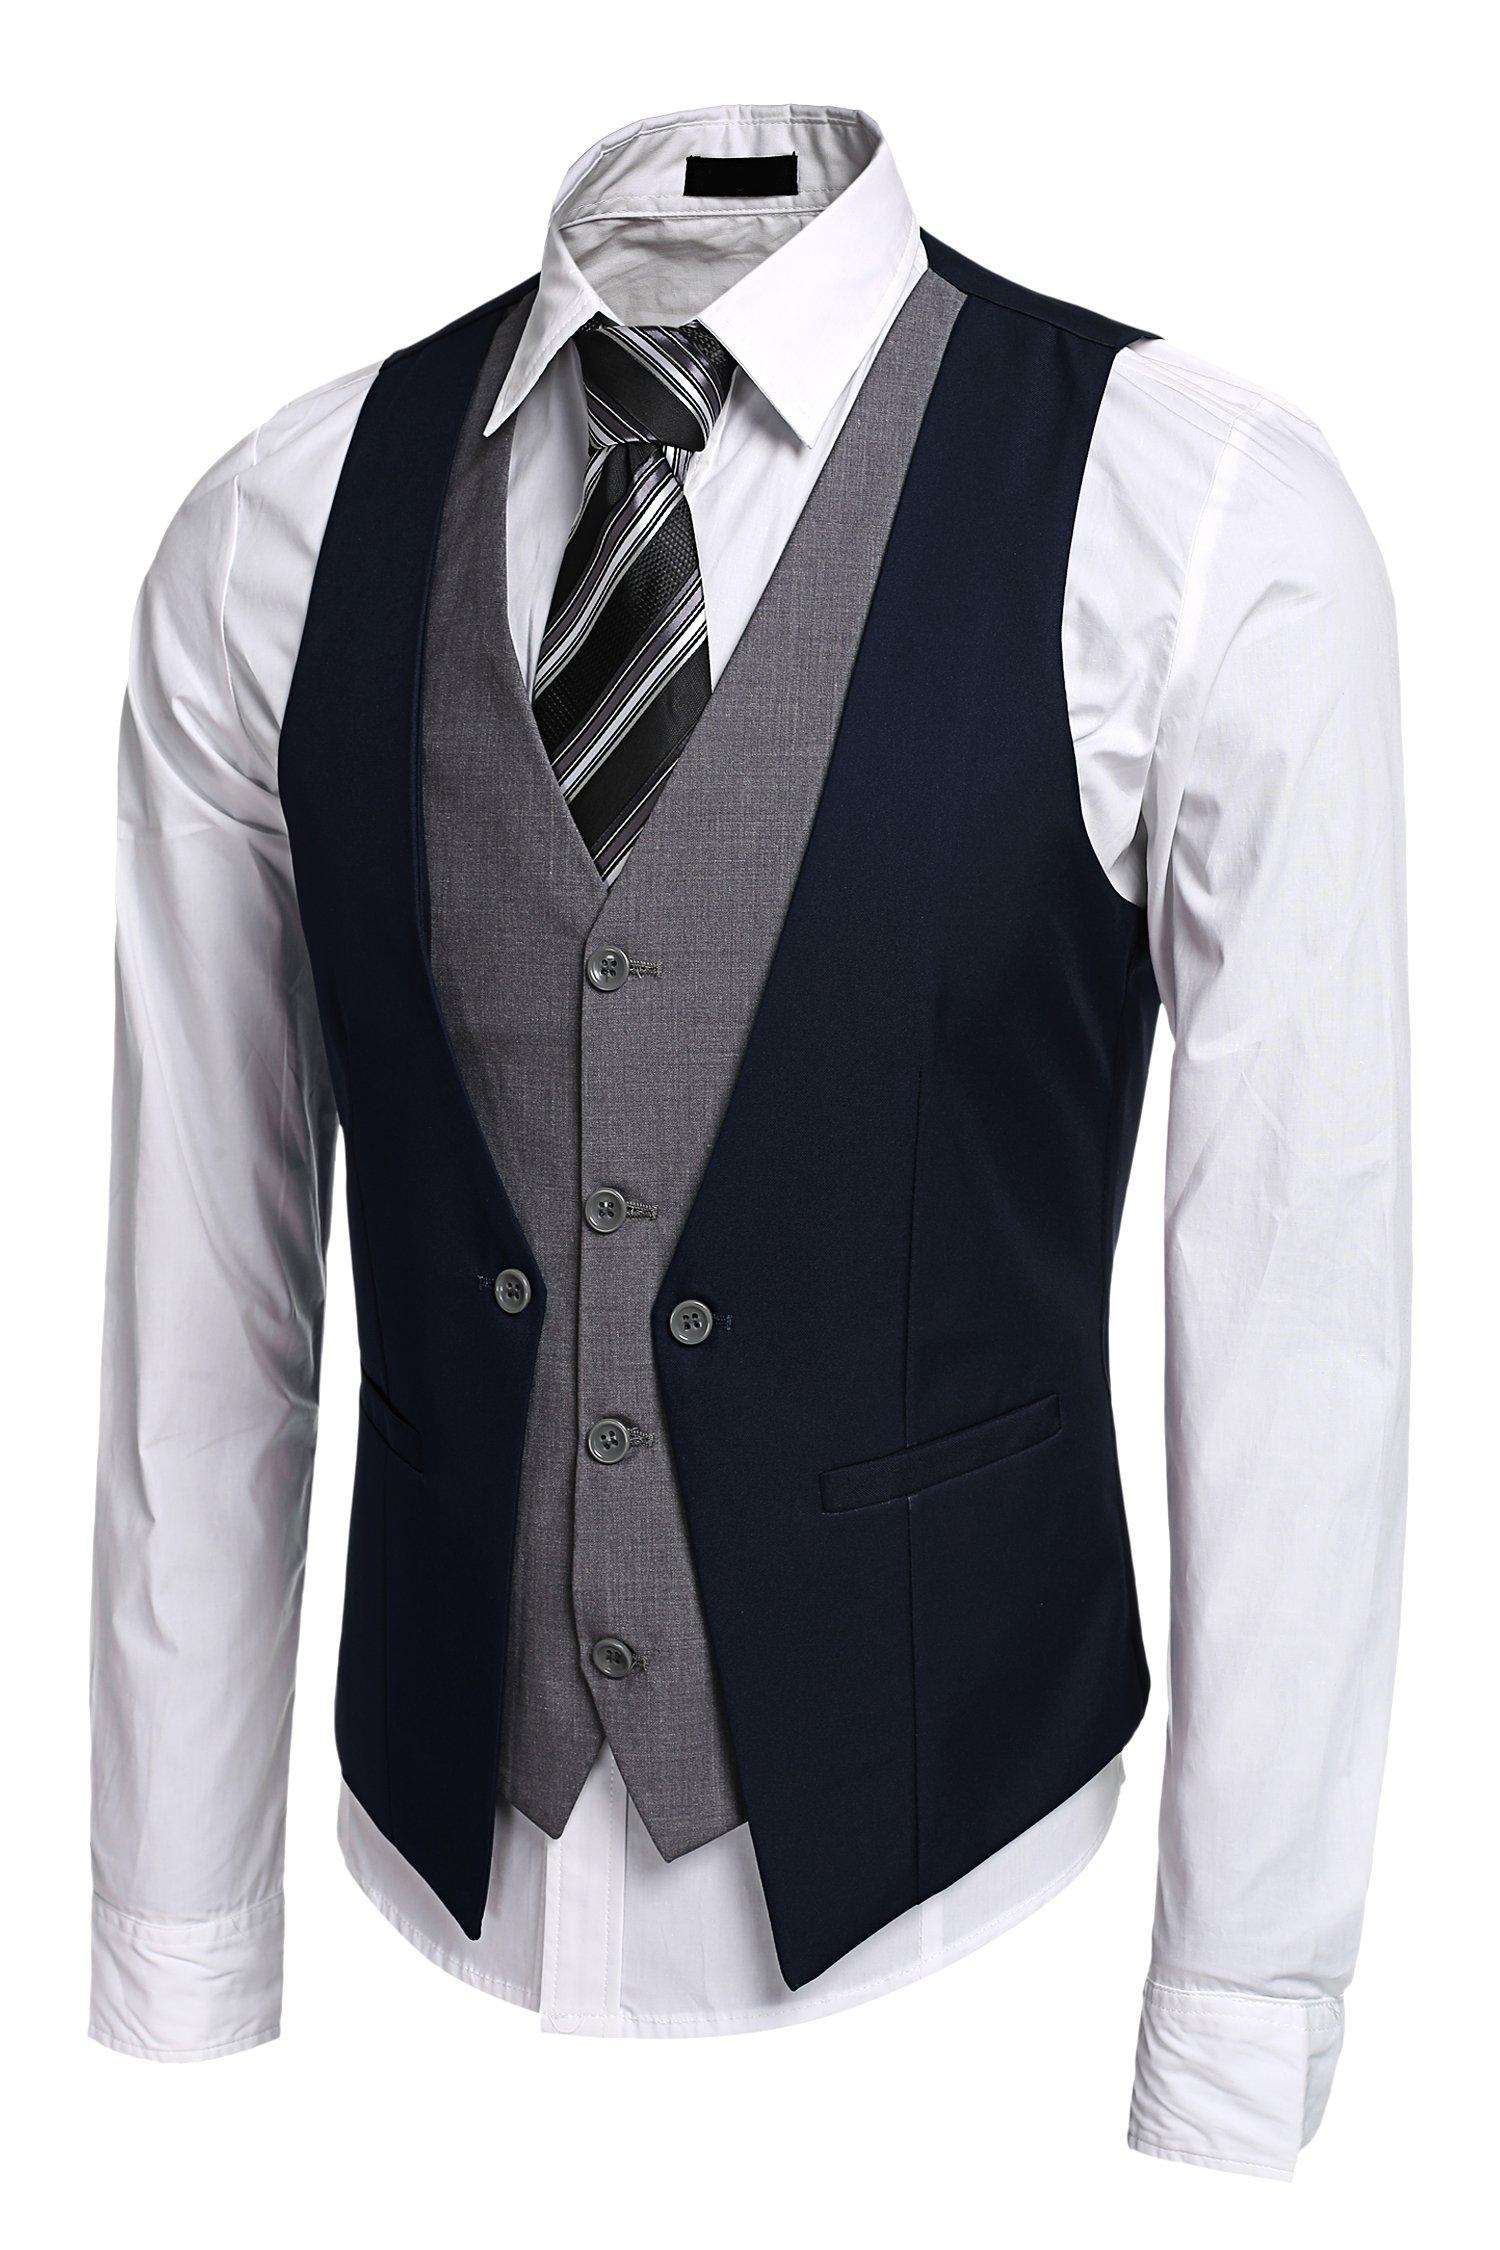 Mens Slim Fit Business Suit Dress Vest Layered Fashion Party Wedding Vest